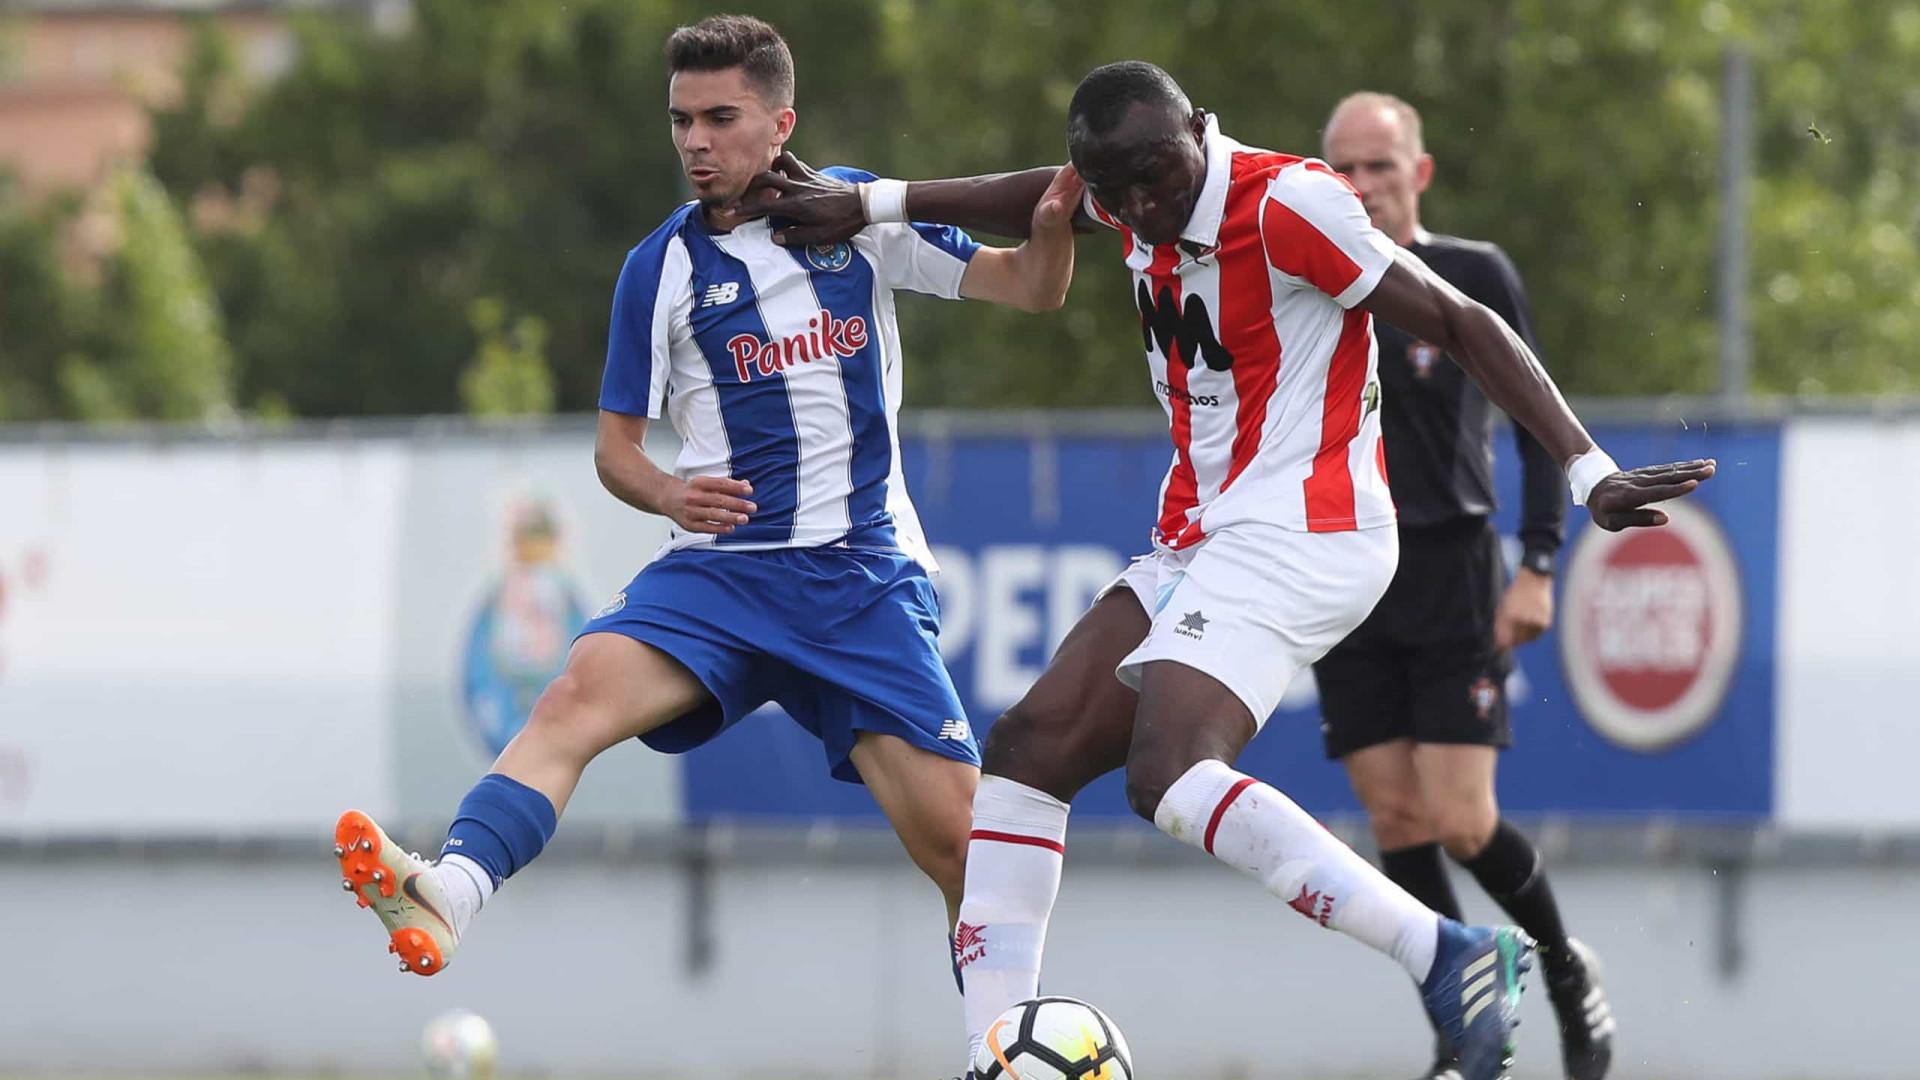 Júnior do FC Porto brilhou em Toulon e foi eleito revelação do torneio